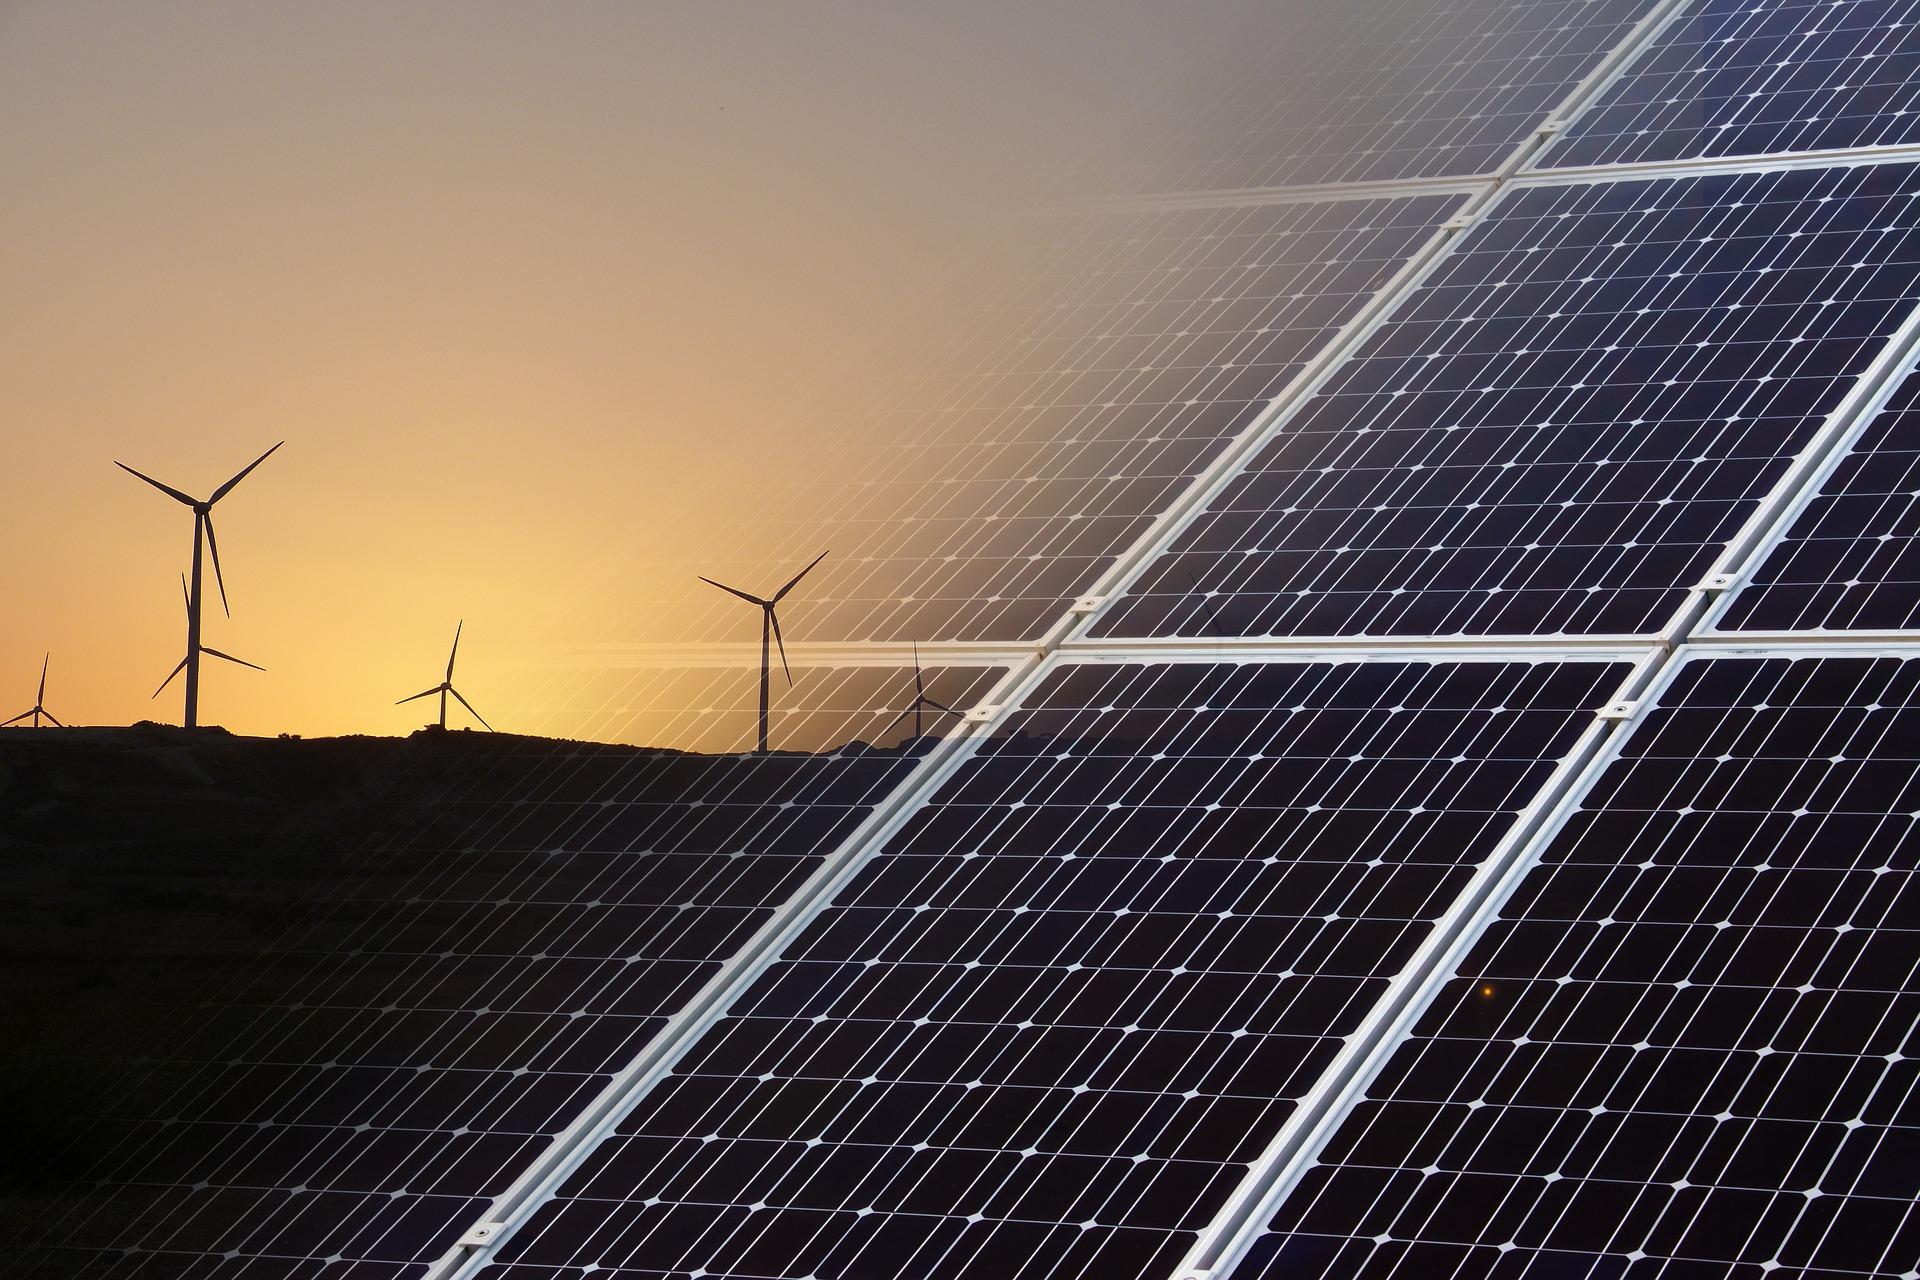 renewable-energy-1989416_1920.jpg